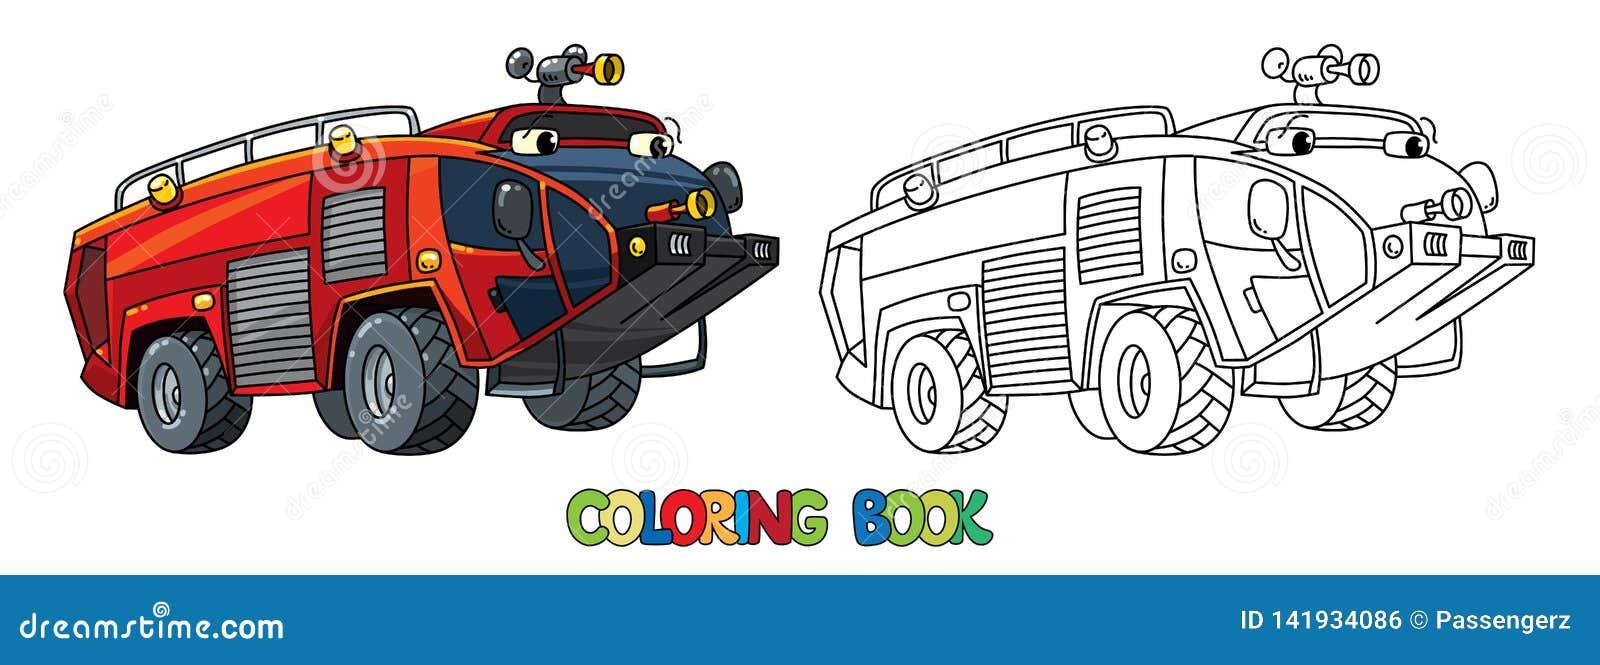 Camion De Pompiers Ou Pompe A Incendie Avec Livre De Coloriage De Yeux Illustration De Vecteur Illustration Du Avec Camion 141934086